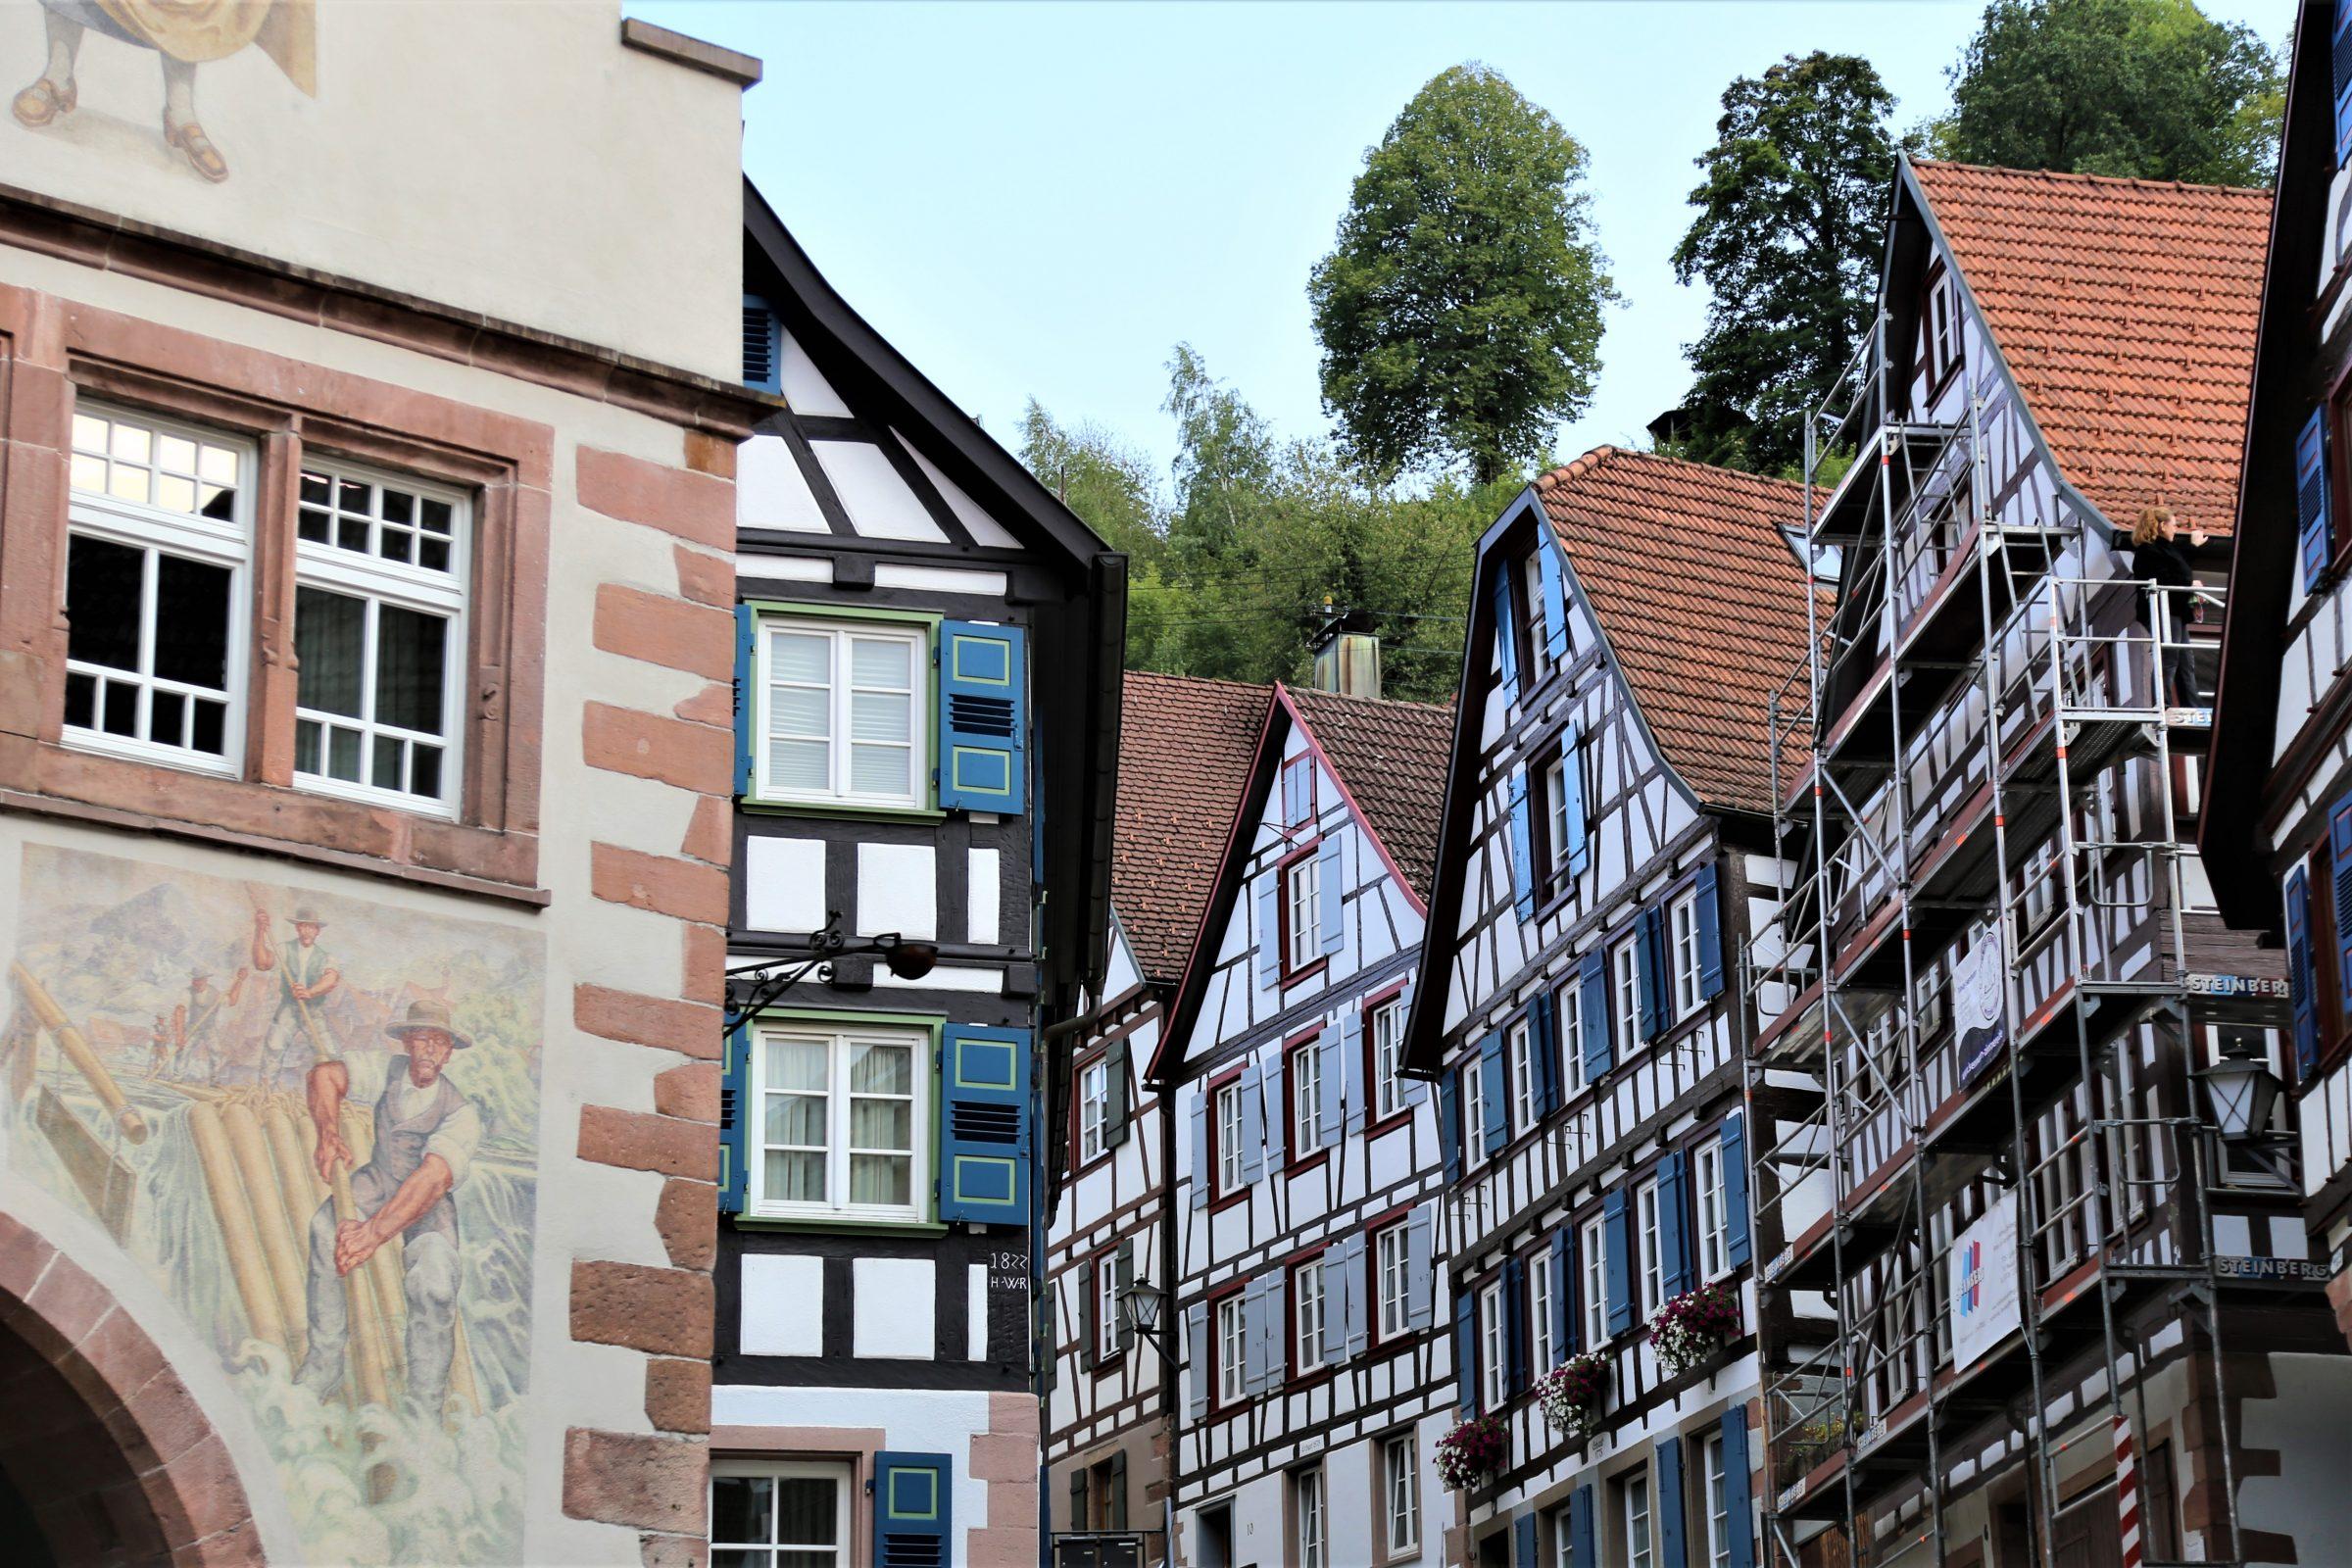 2017 Ecke Rathaus mit Häuserzeile zumSchlossberg